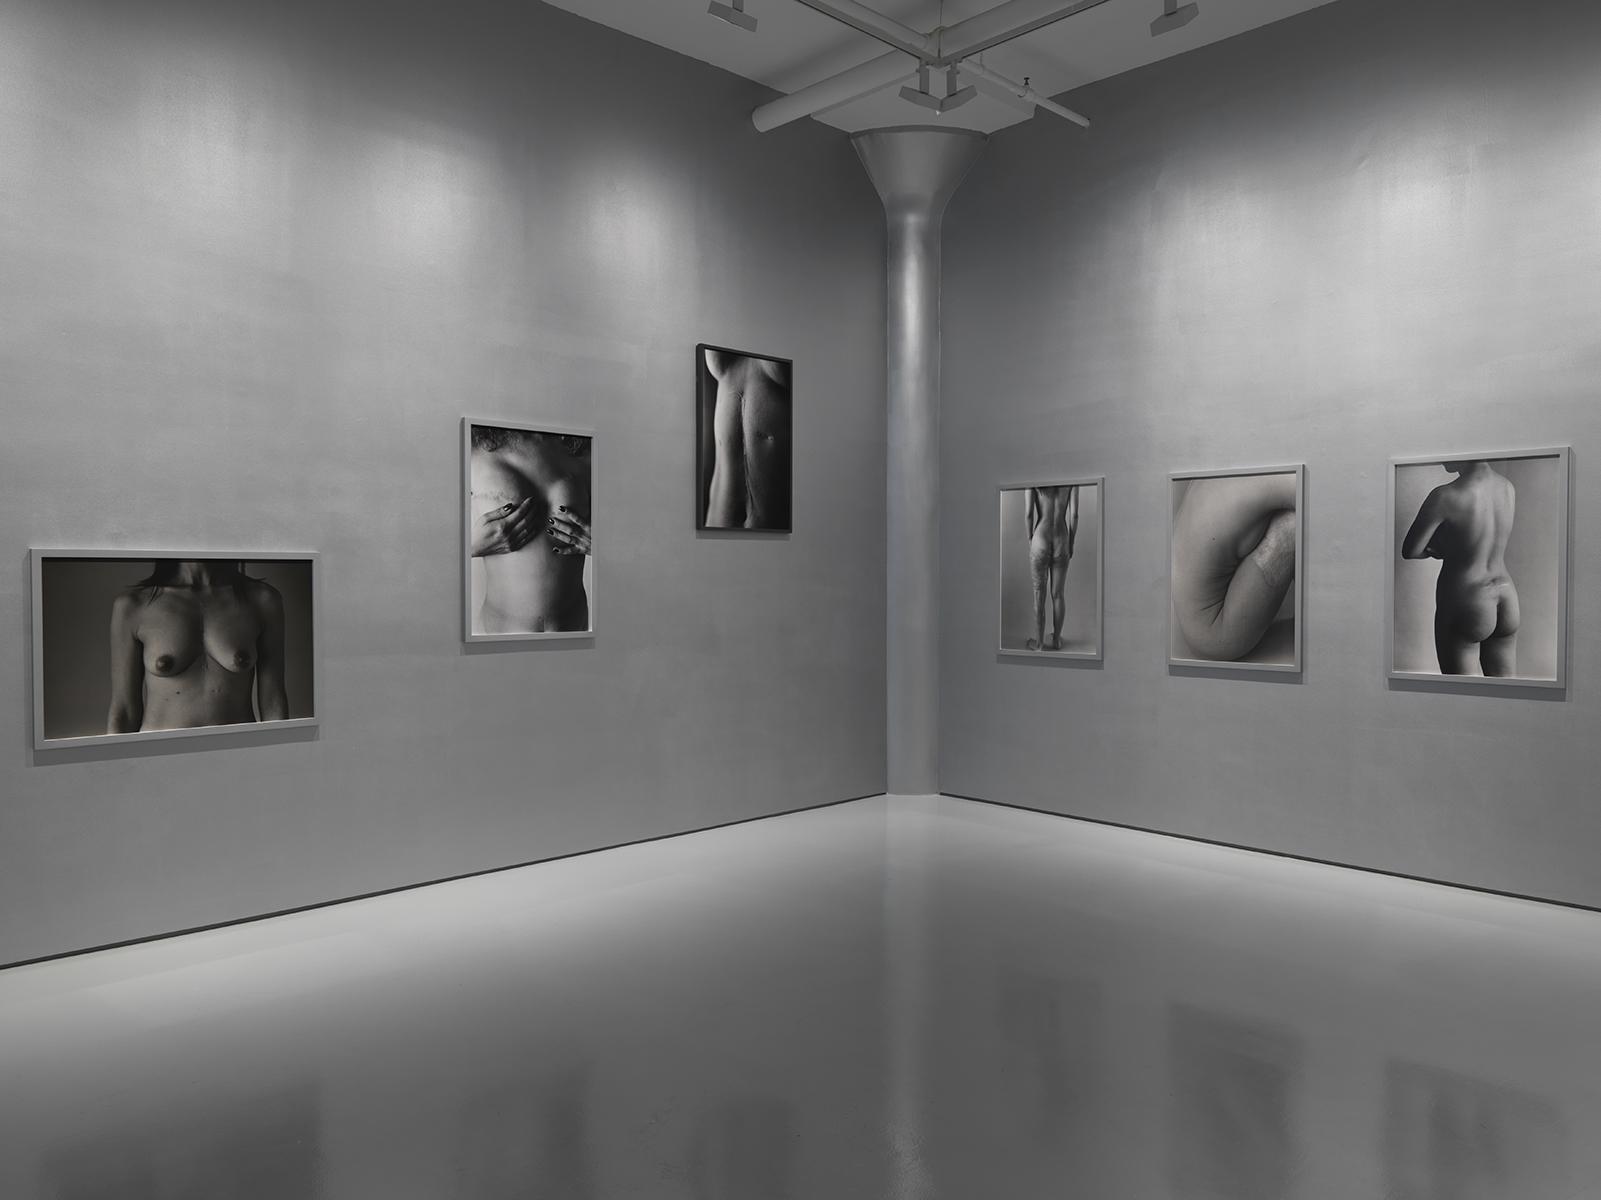 Photograph 3 from Ishiuchi Miyako exhibition.